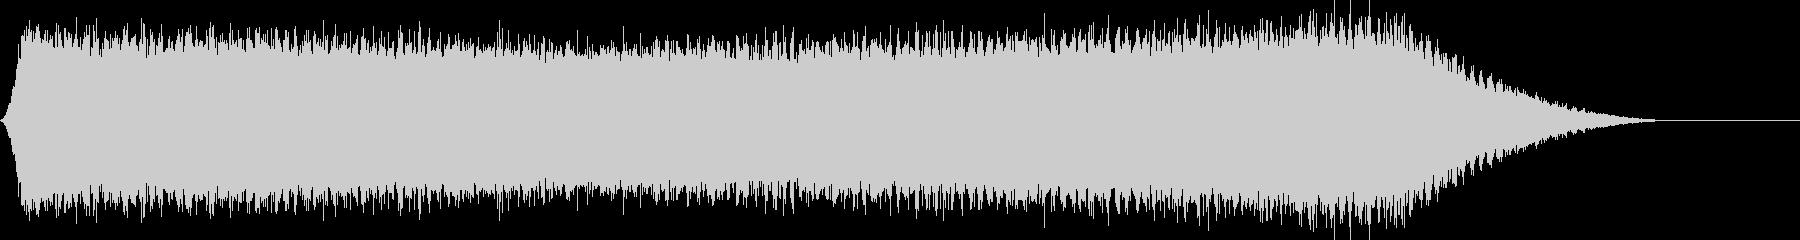 真夏のセミの音サンプリングの未再生の波形